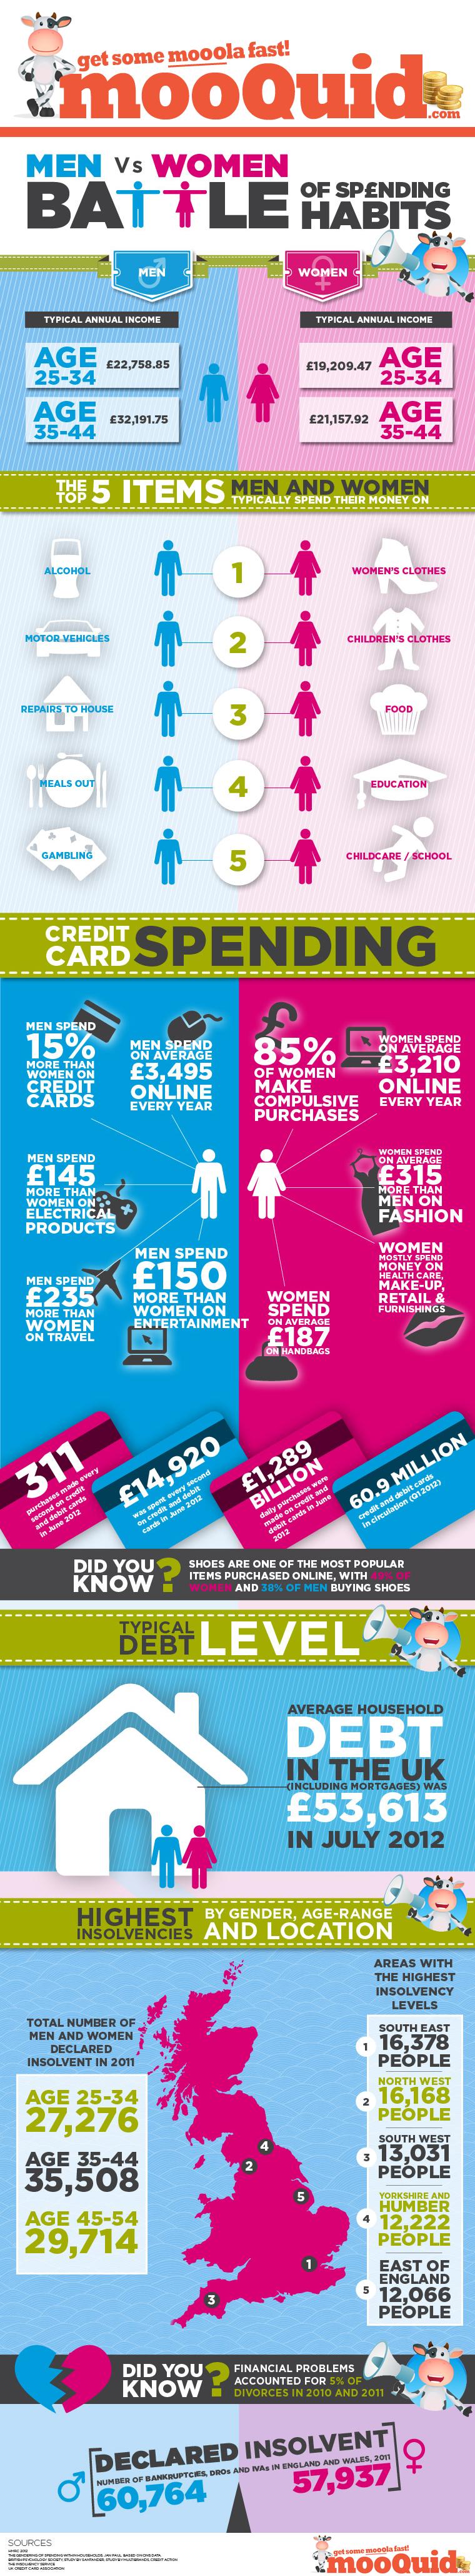 Spending Habits of Men and Women